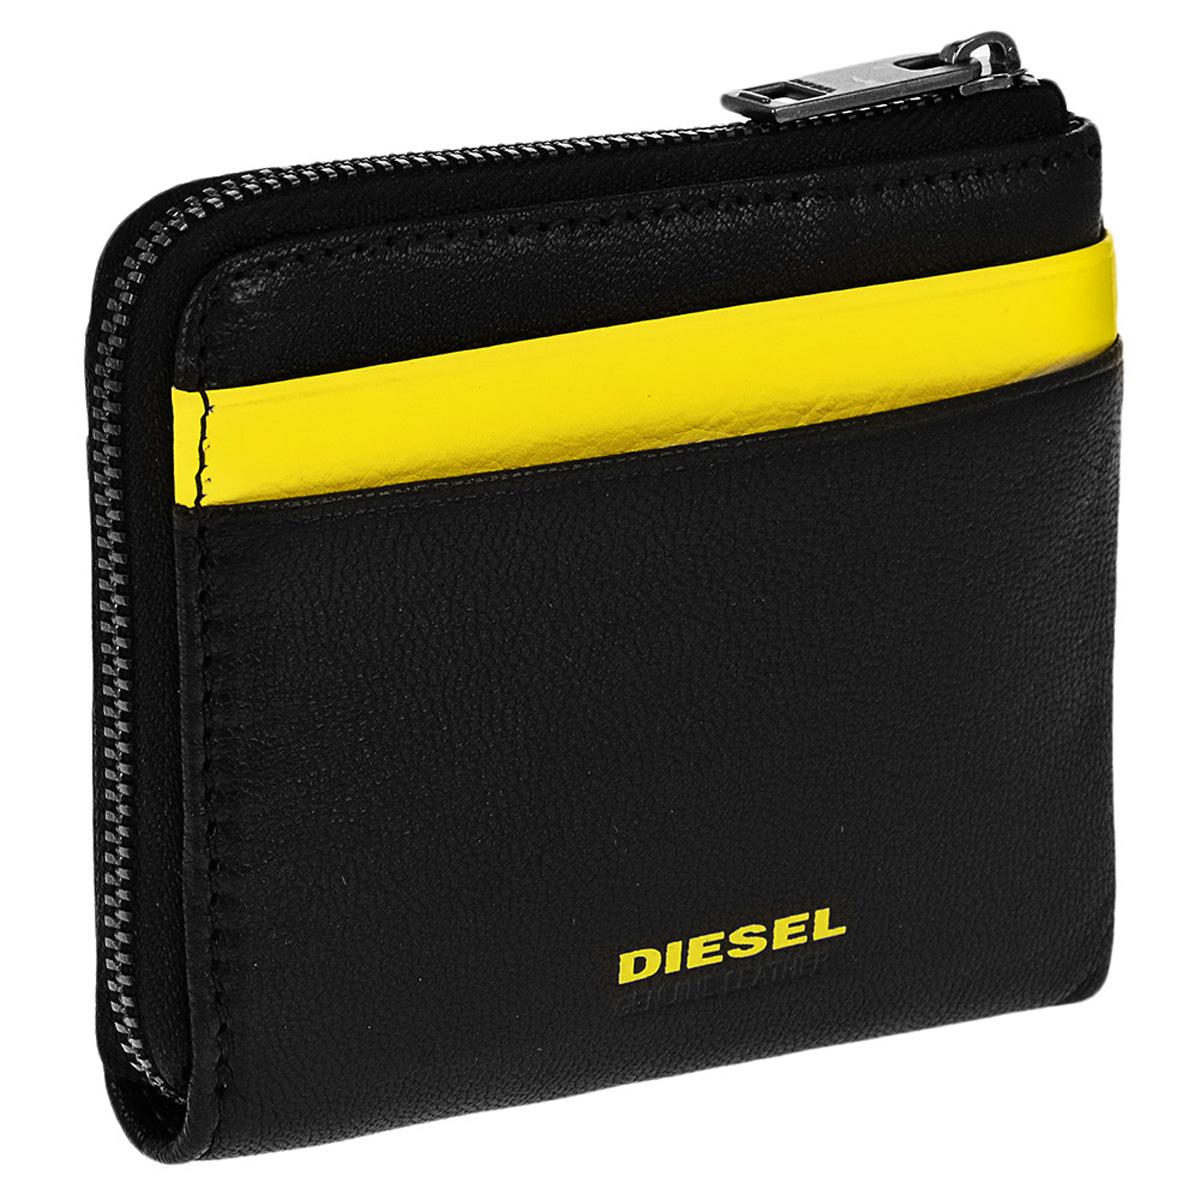 ディーゼル DIESEL 財布 X04768 PR227 H3350 PASS-MEE カードケース コインケース パスケース マルチケース BLACK/YELLOW ブラック+イエロー